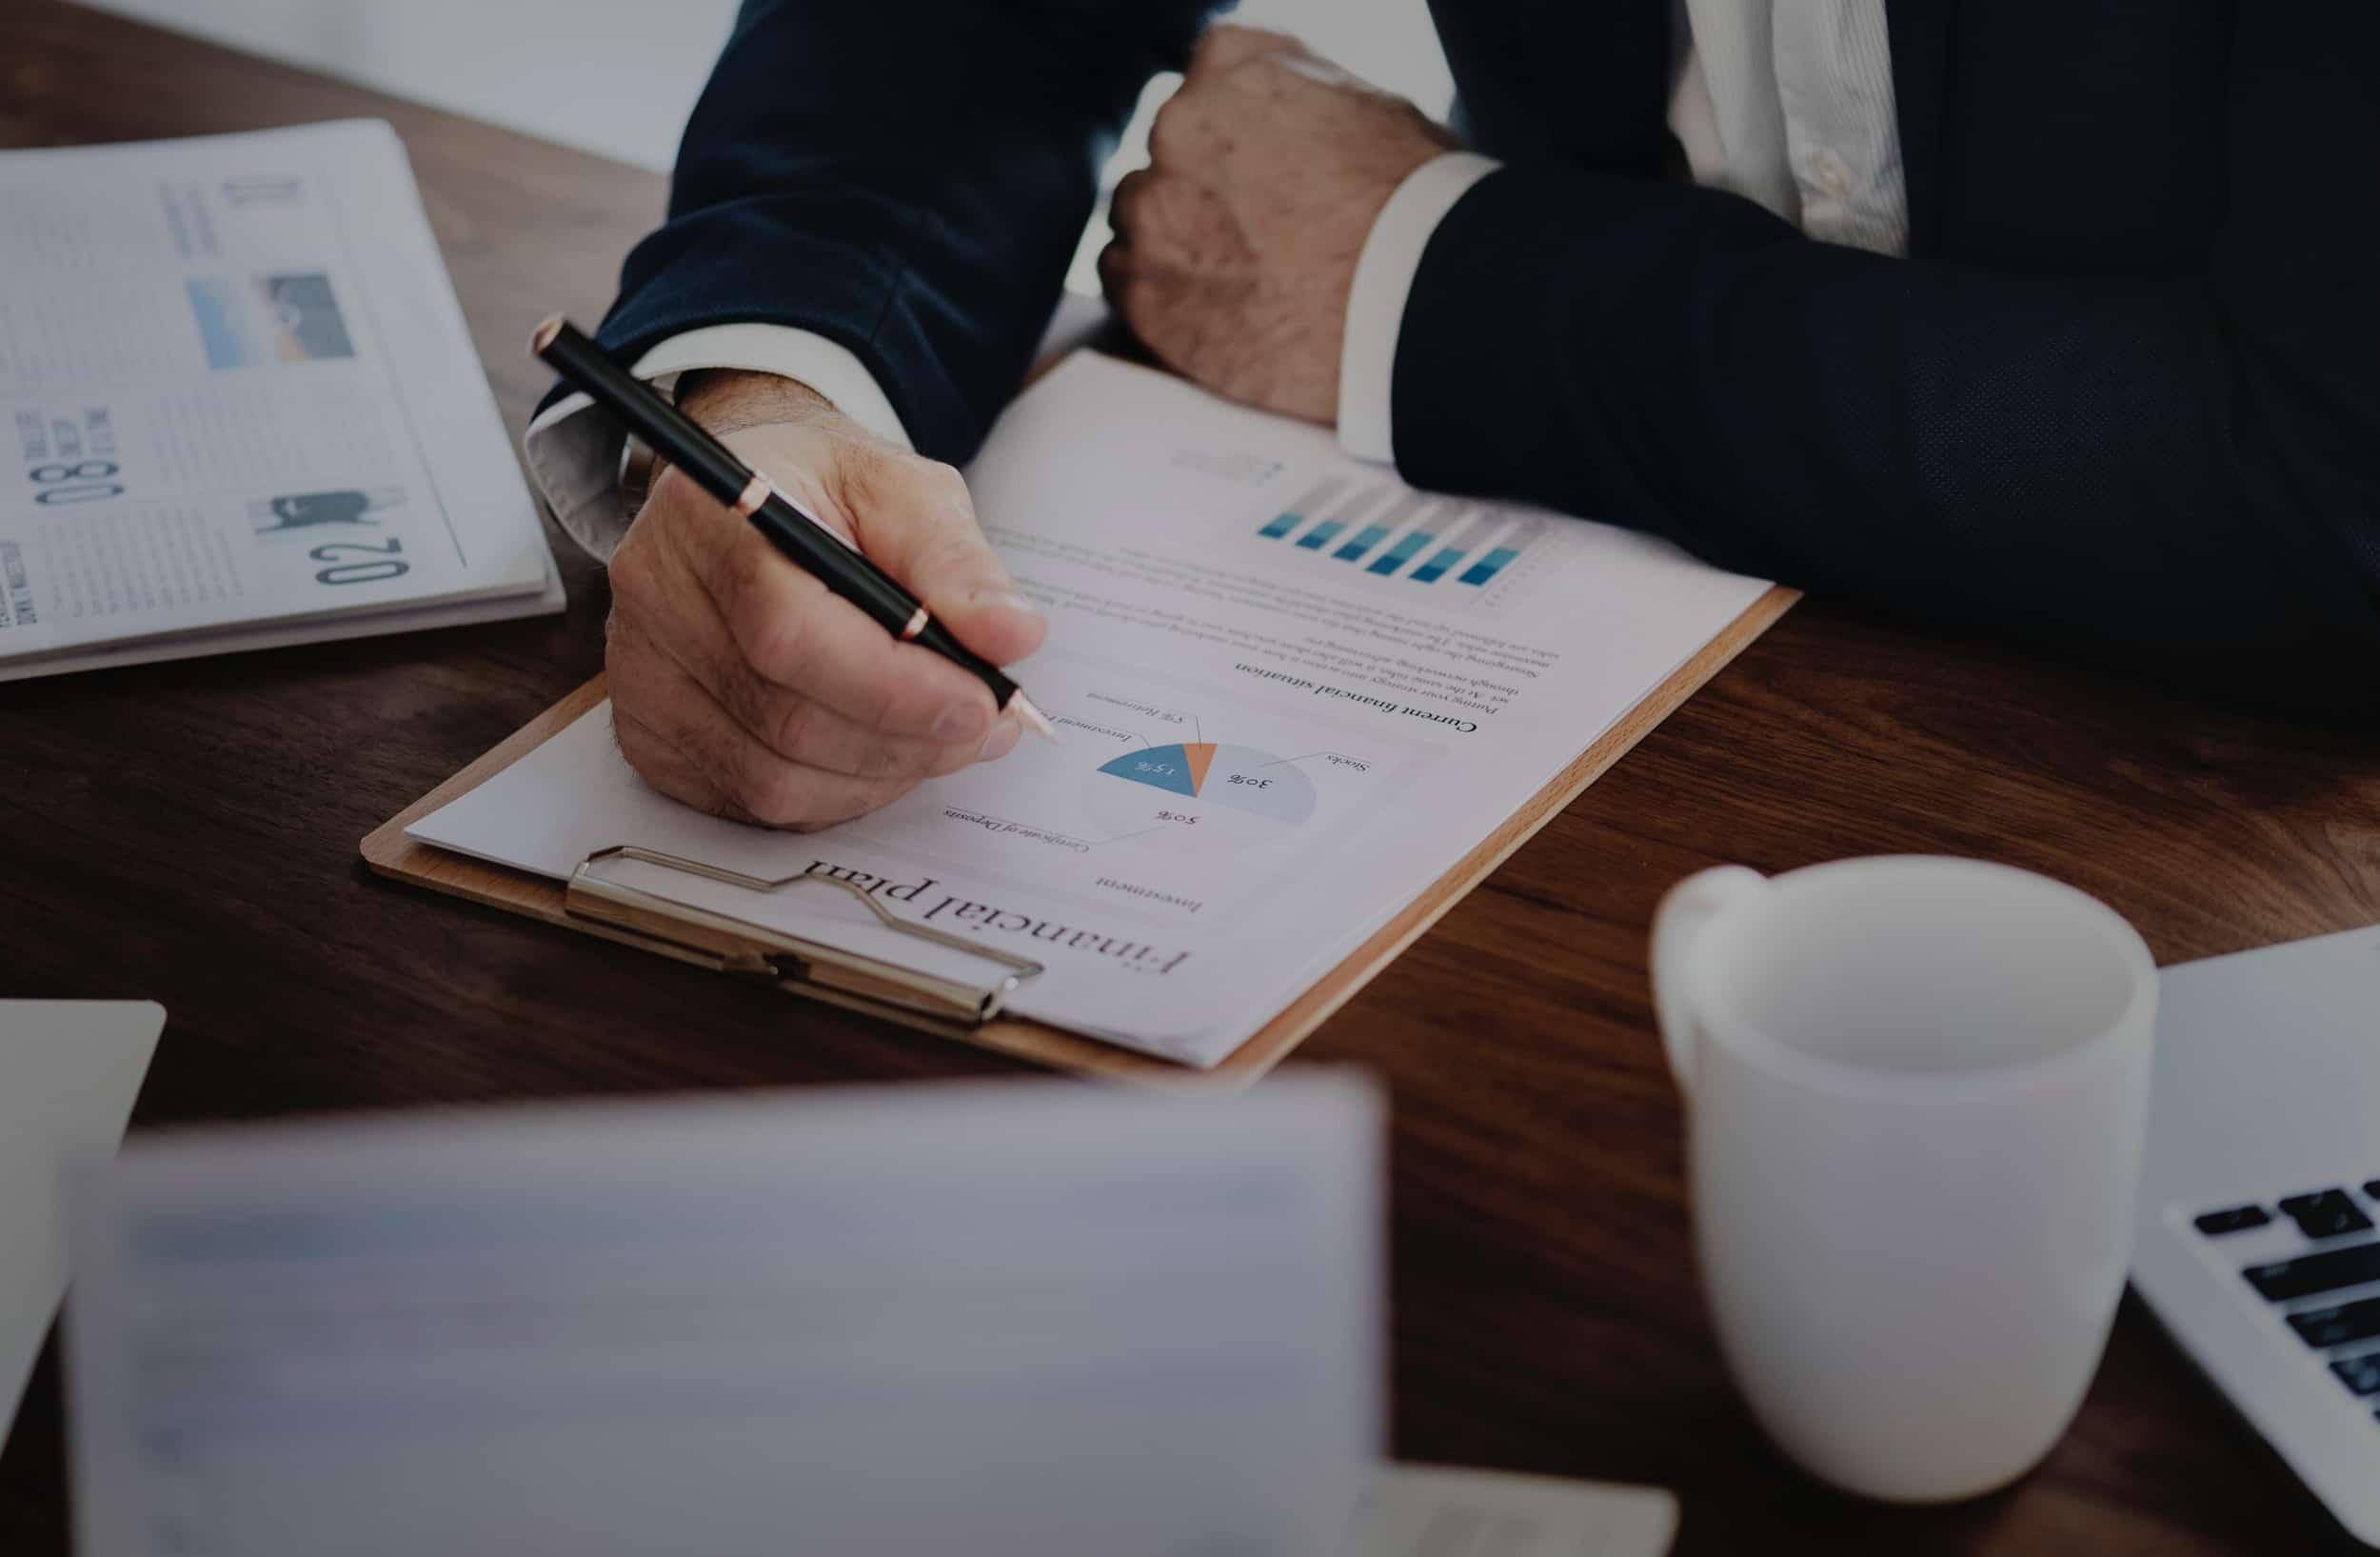 empresário conferindo relatórios